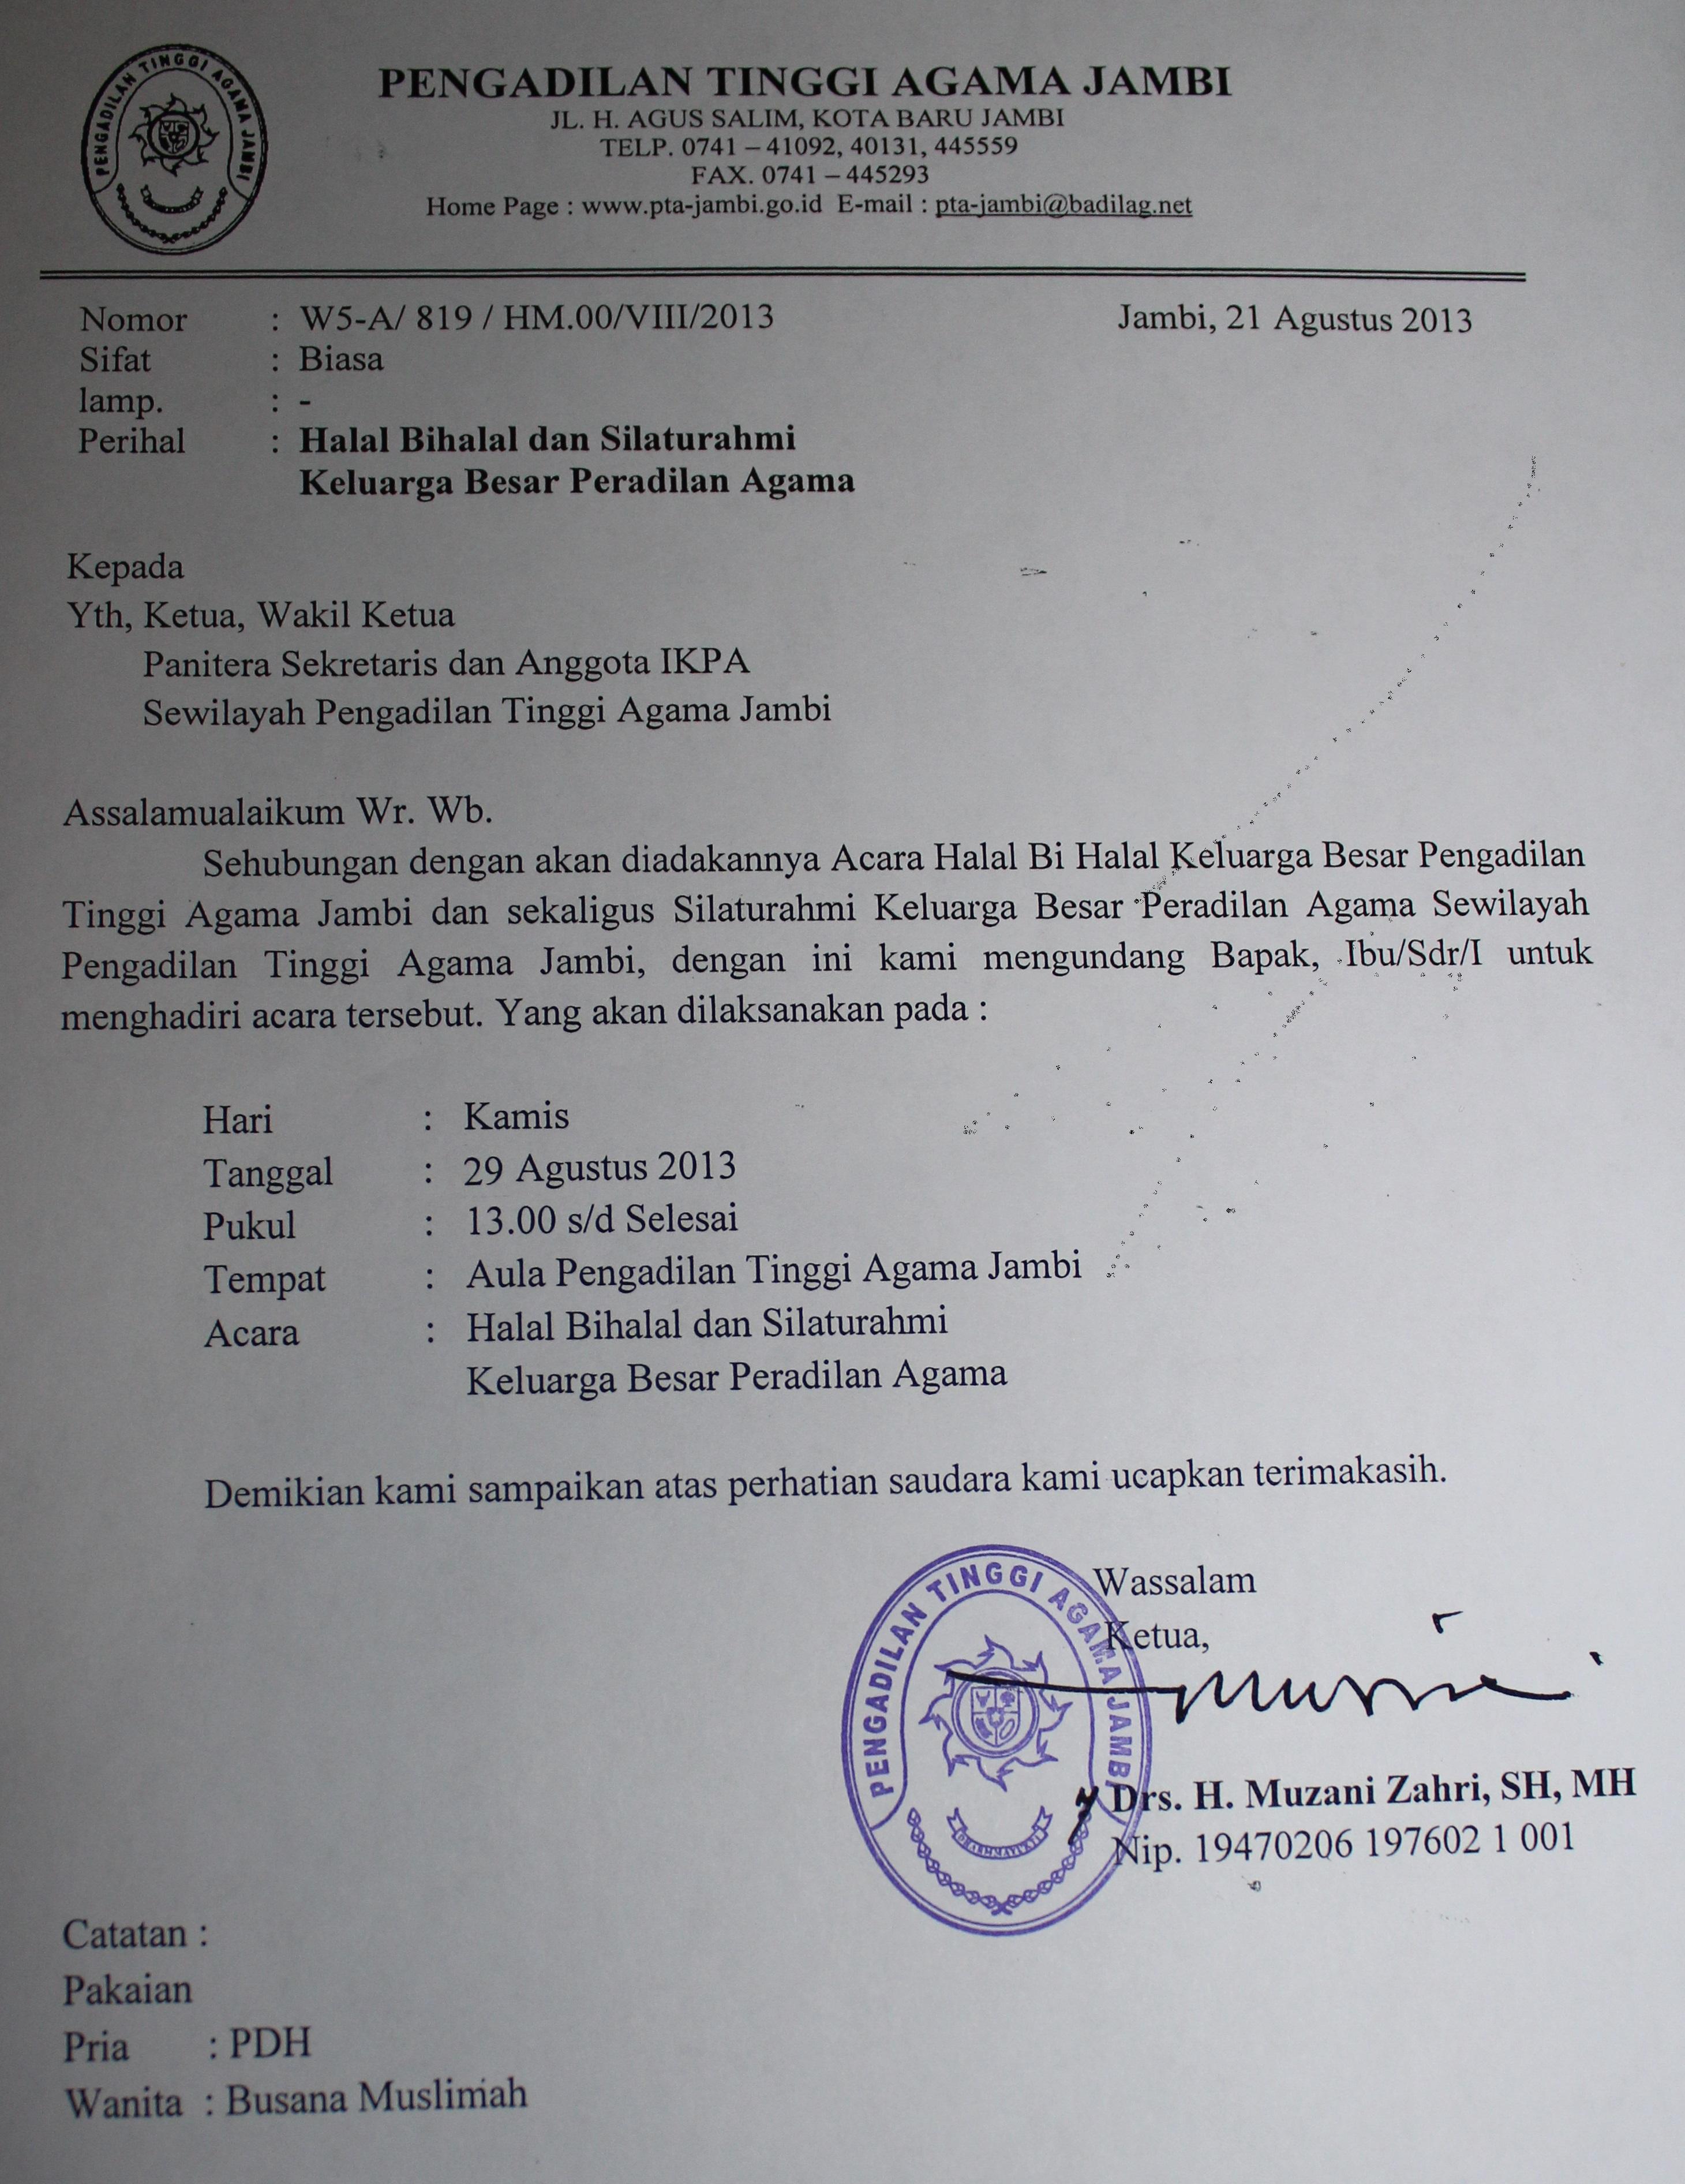 Undangan Halal Bi Halal Keluarga Besar Peradilan Agama